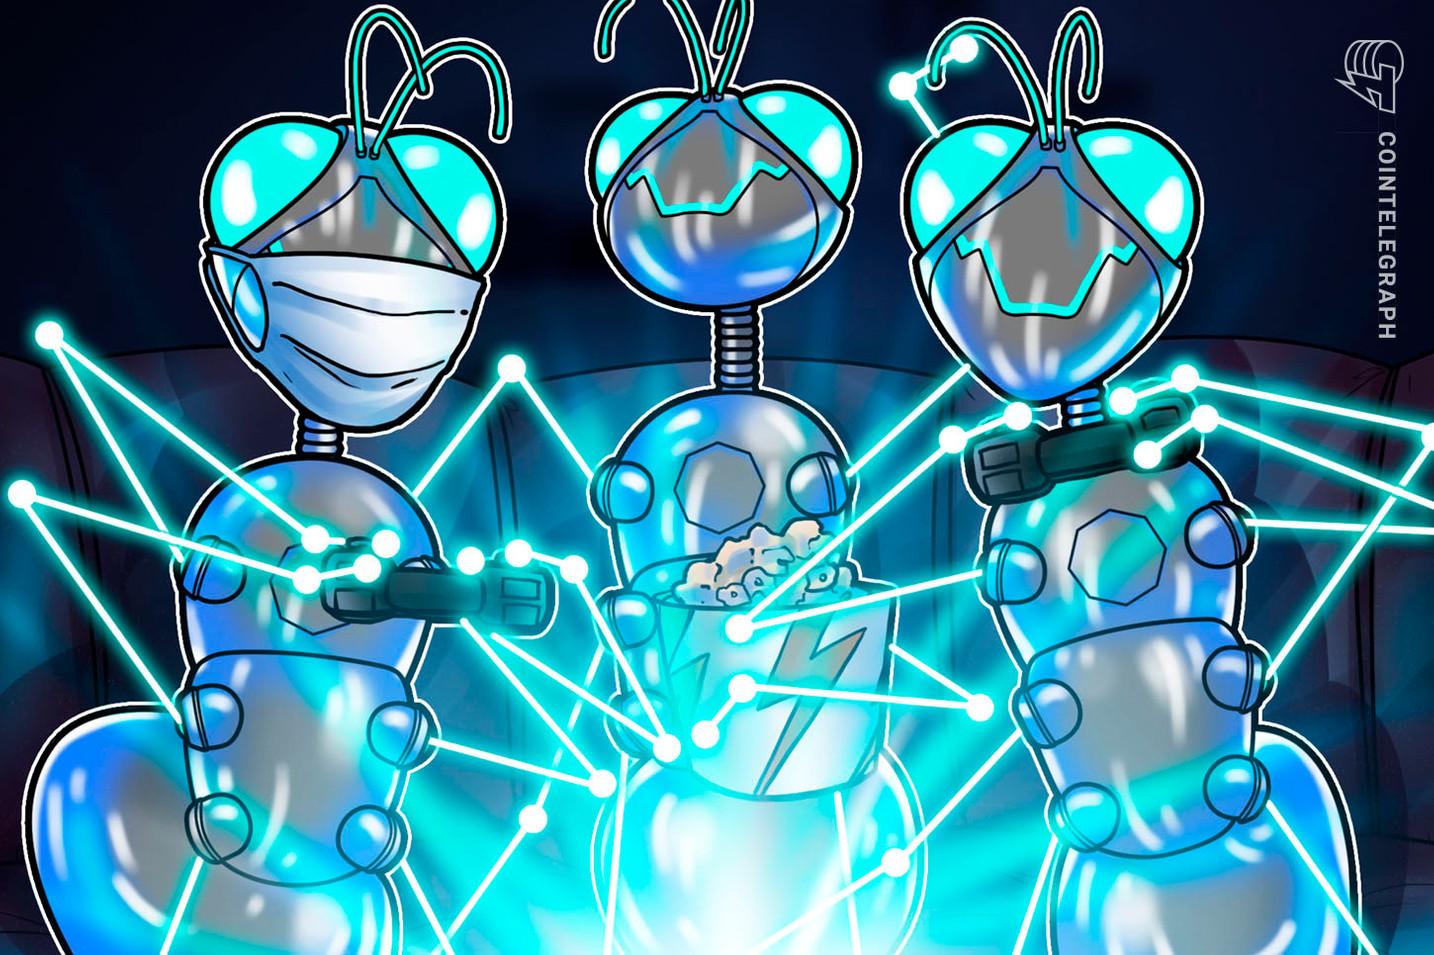 DeFi se une al mundo de los videojuegos: Axie Infinity lanza un token de gobernanza